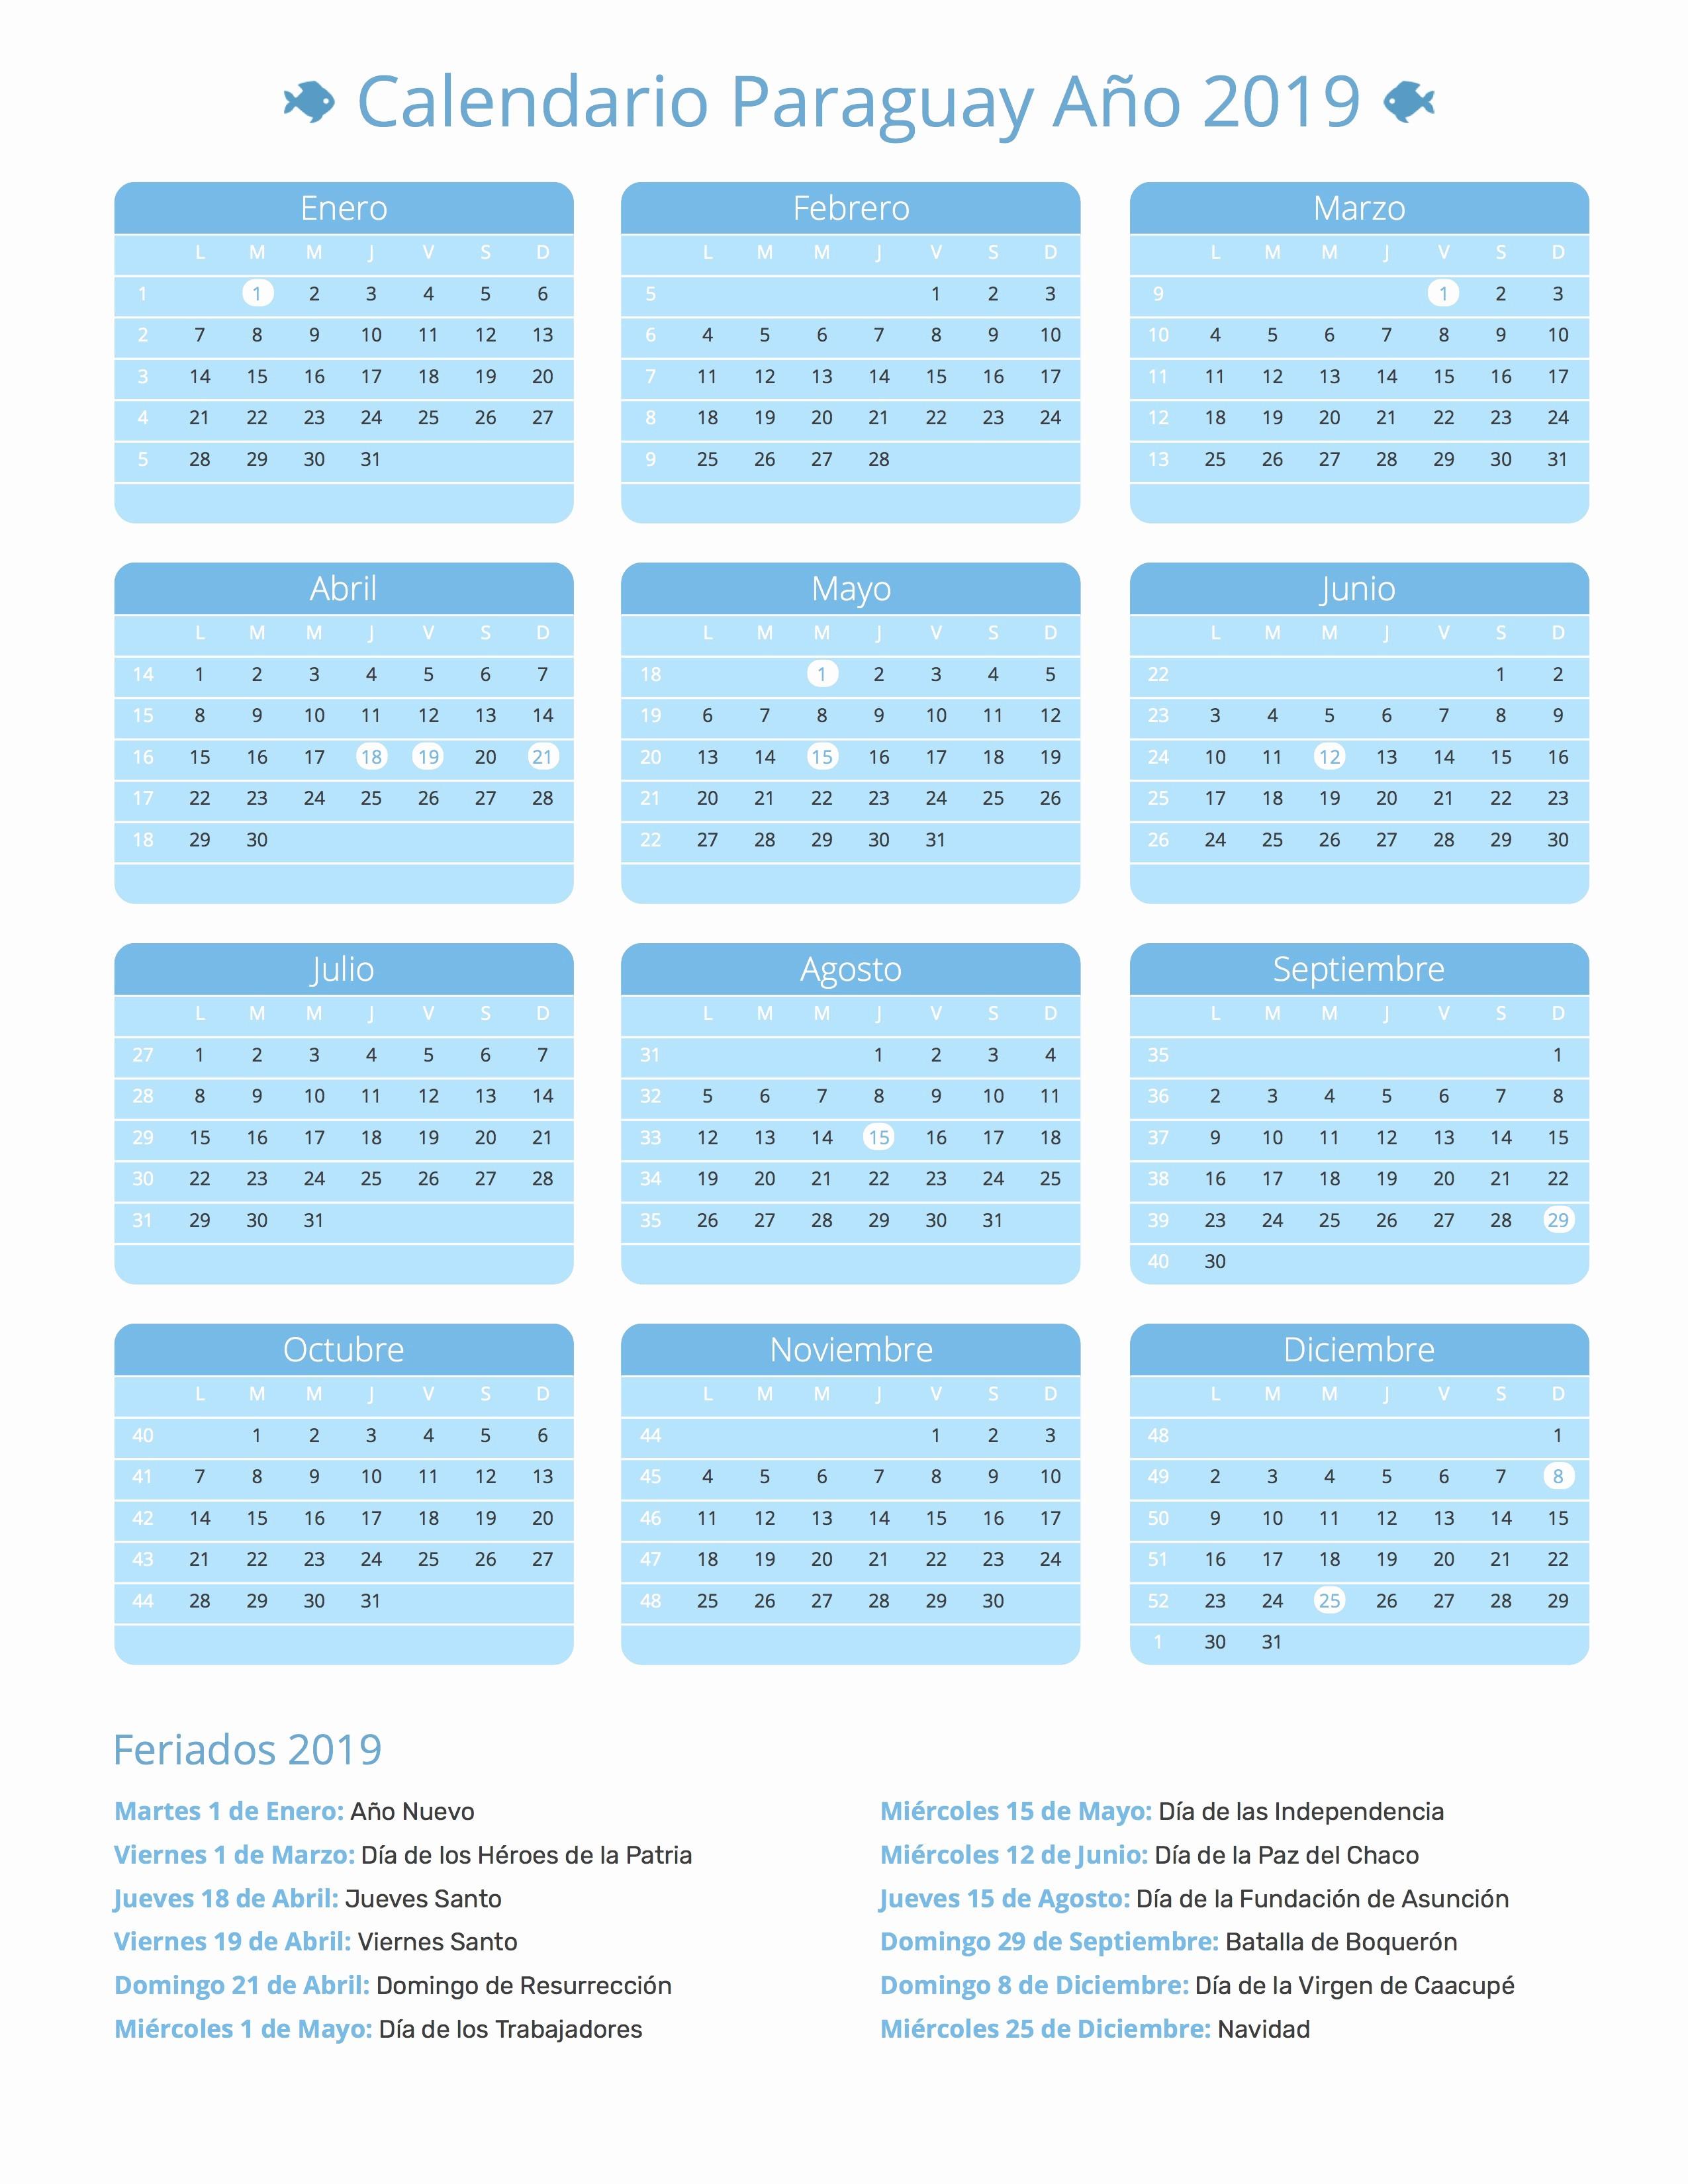 calendario paraguay 2019 calendario paraguay 2019 calendario paraguay ano 2019 feriados 2